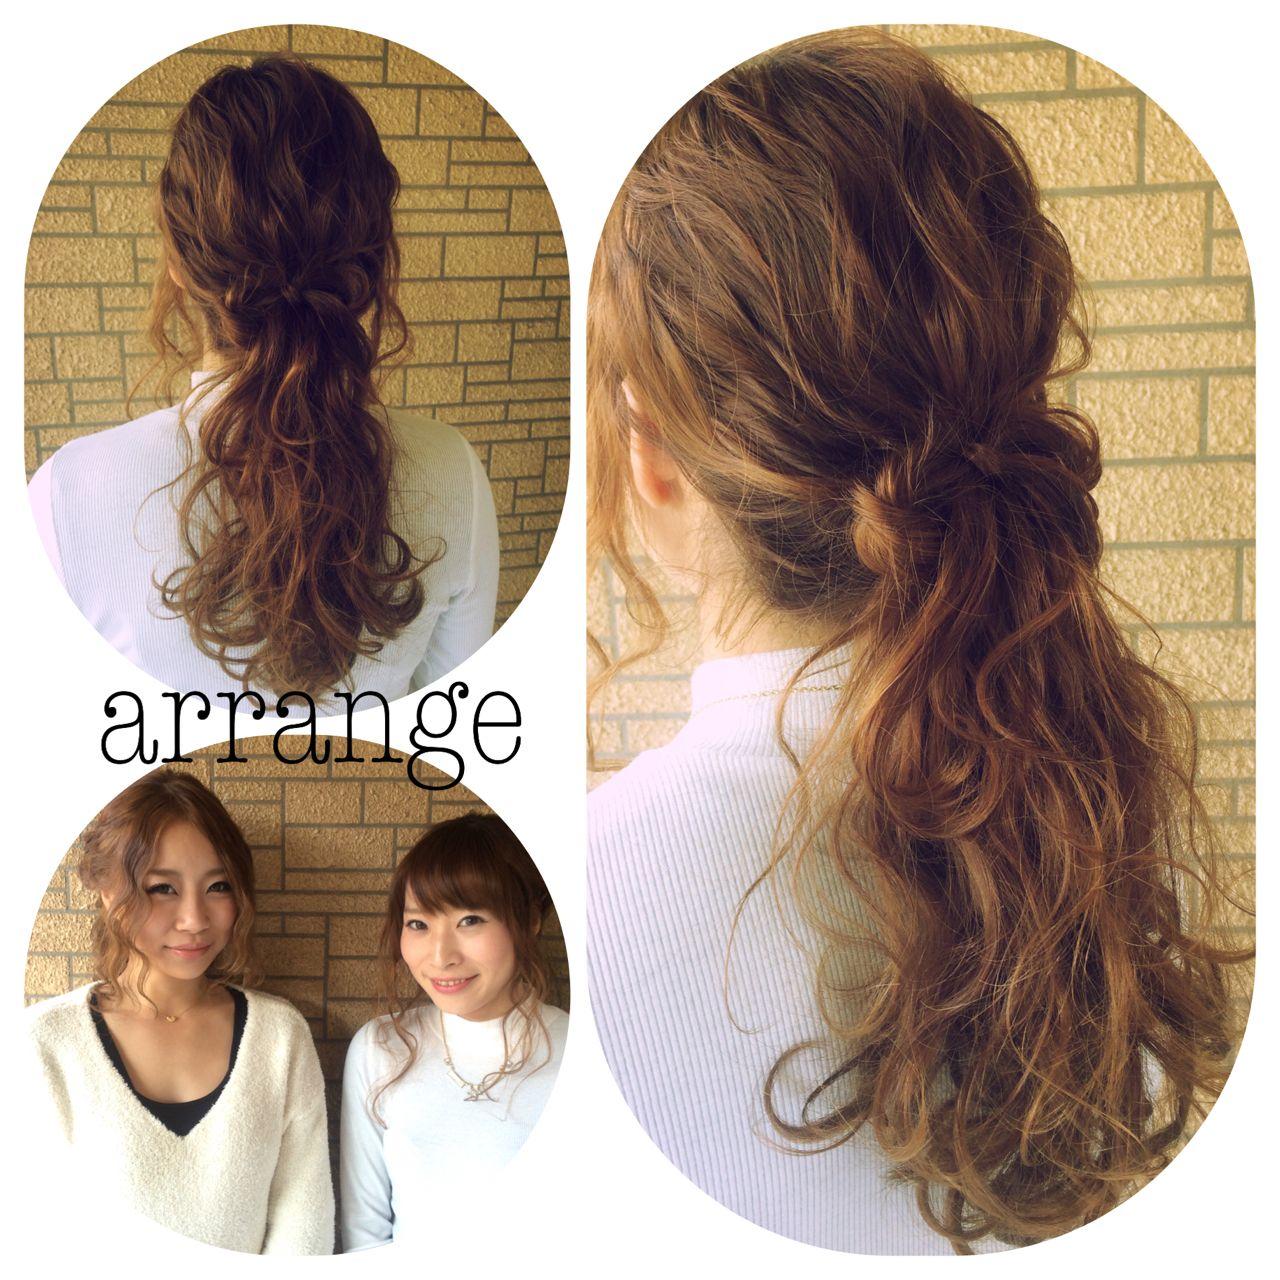 アップスタイル ヘアアレンジ ロング ストリート ヘアスタイルや髪型の写真・画像